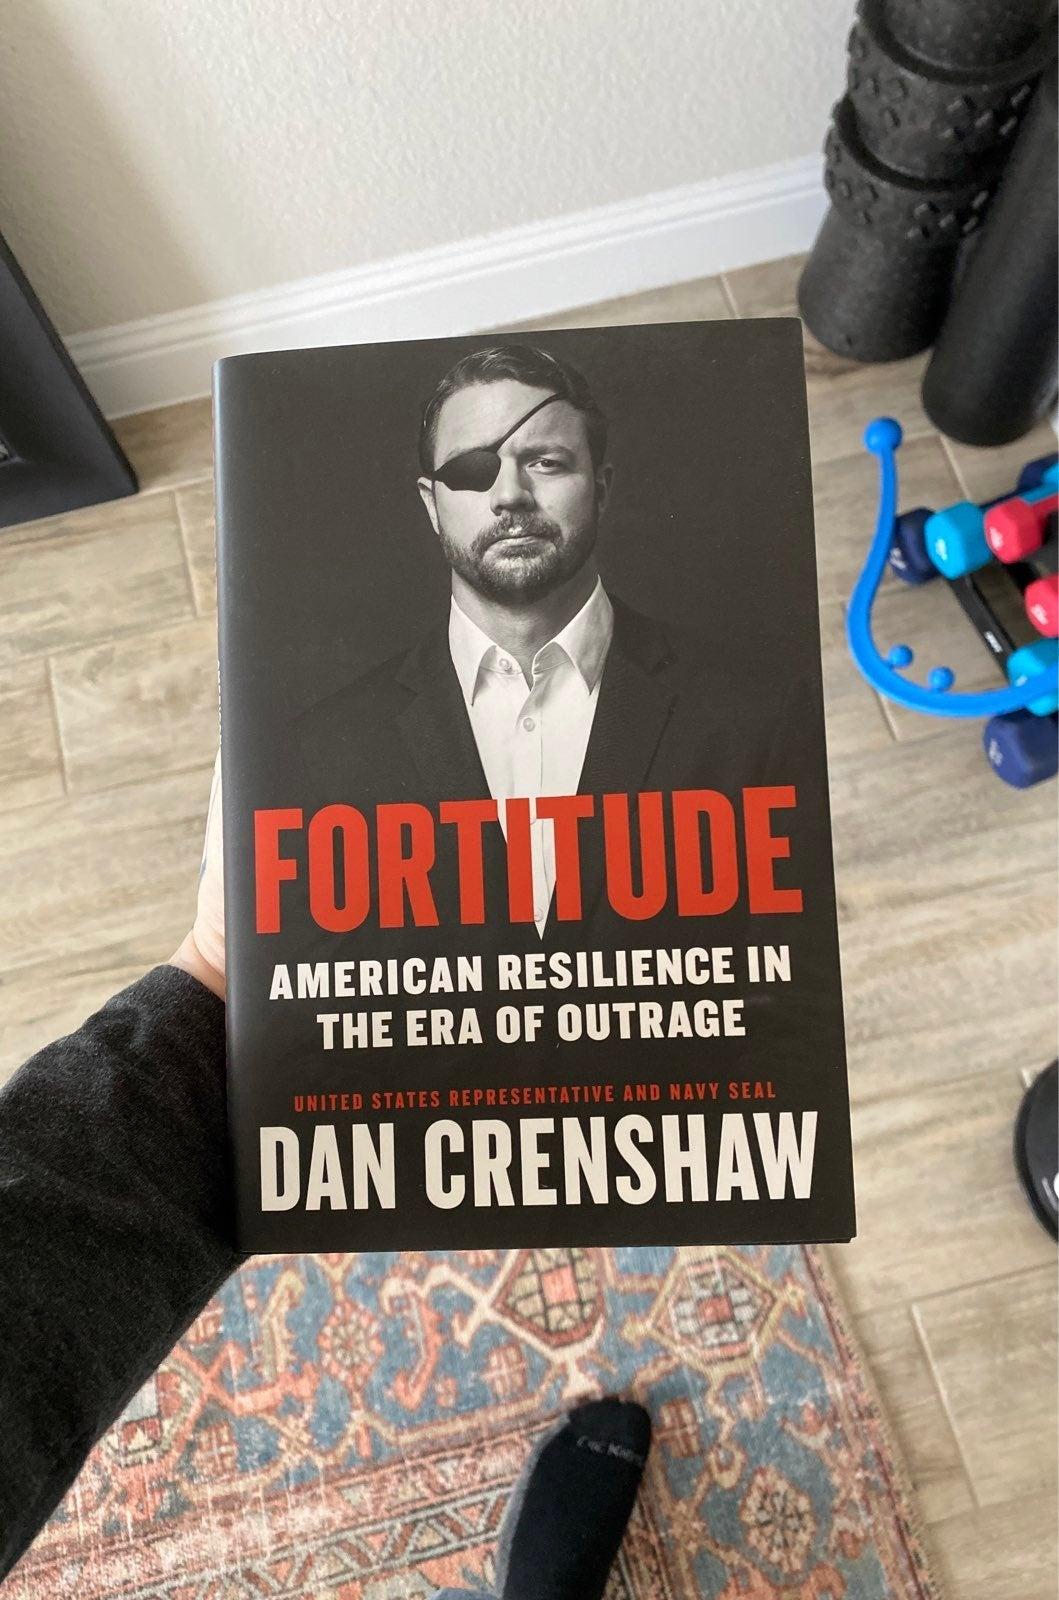 Fortitude by Dan Crenshaw-Hardcover